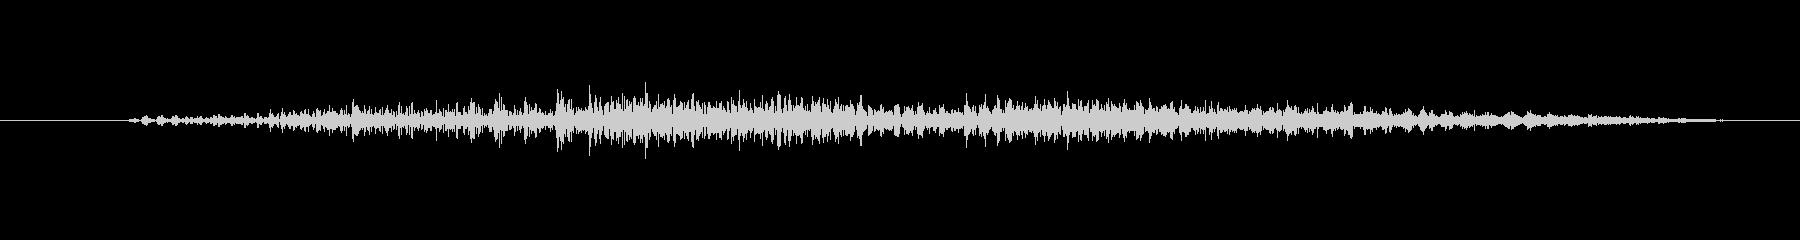 ゾンビ うめき声アイドル03の未再生の波形